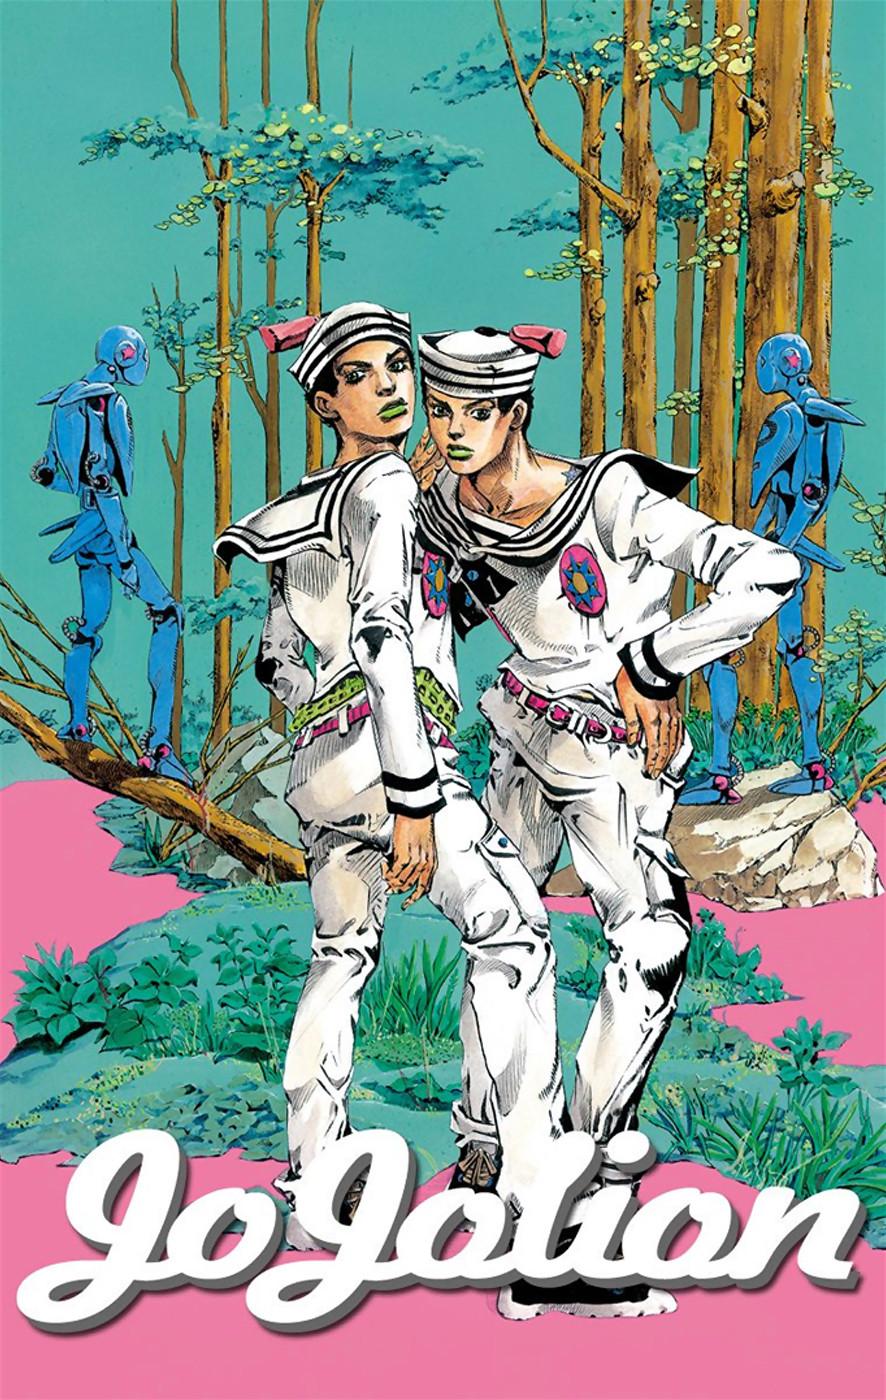 Невероятные Приключения ДжоДжо Часть 8: Джоджолион (цветная версия) 4 - 14 Paisley Park и Born This Way (3)